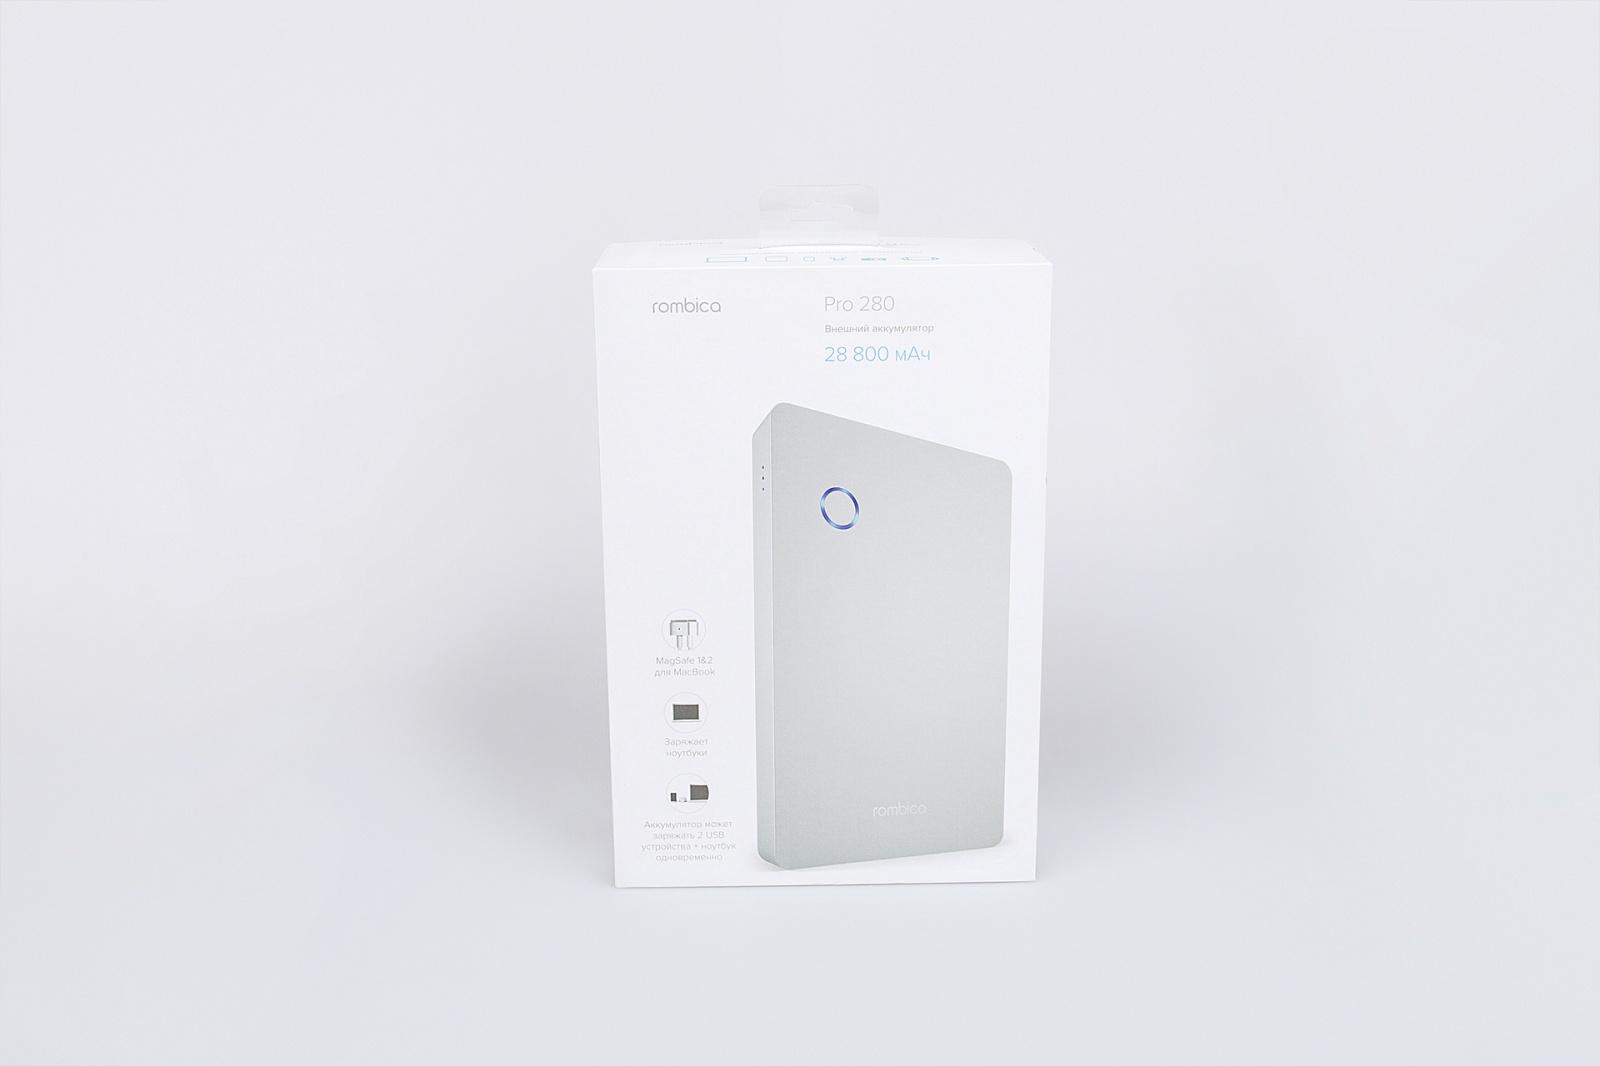 Зарядные устройства Rombica обеспечат энергией все — от нотбуков до коптеров - 8